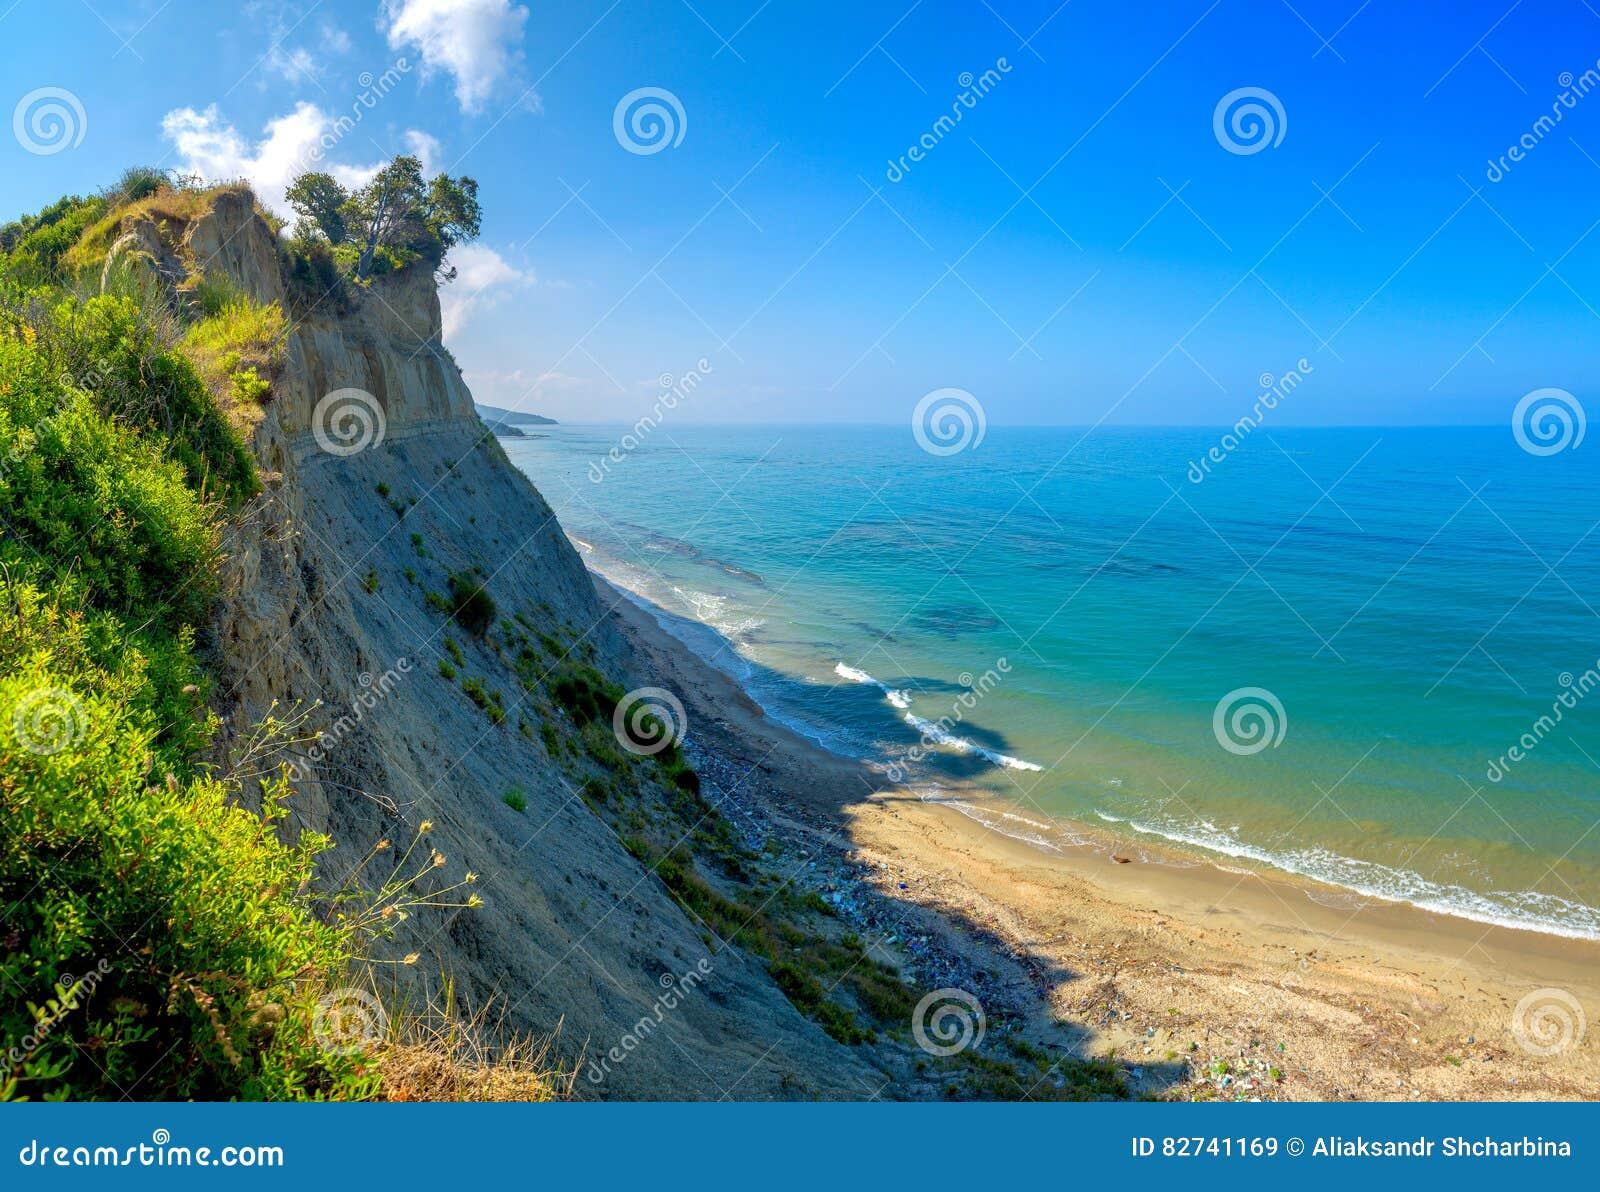 Скачком песочное побережье